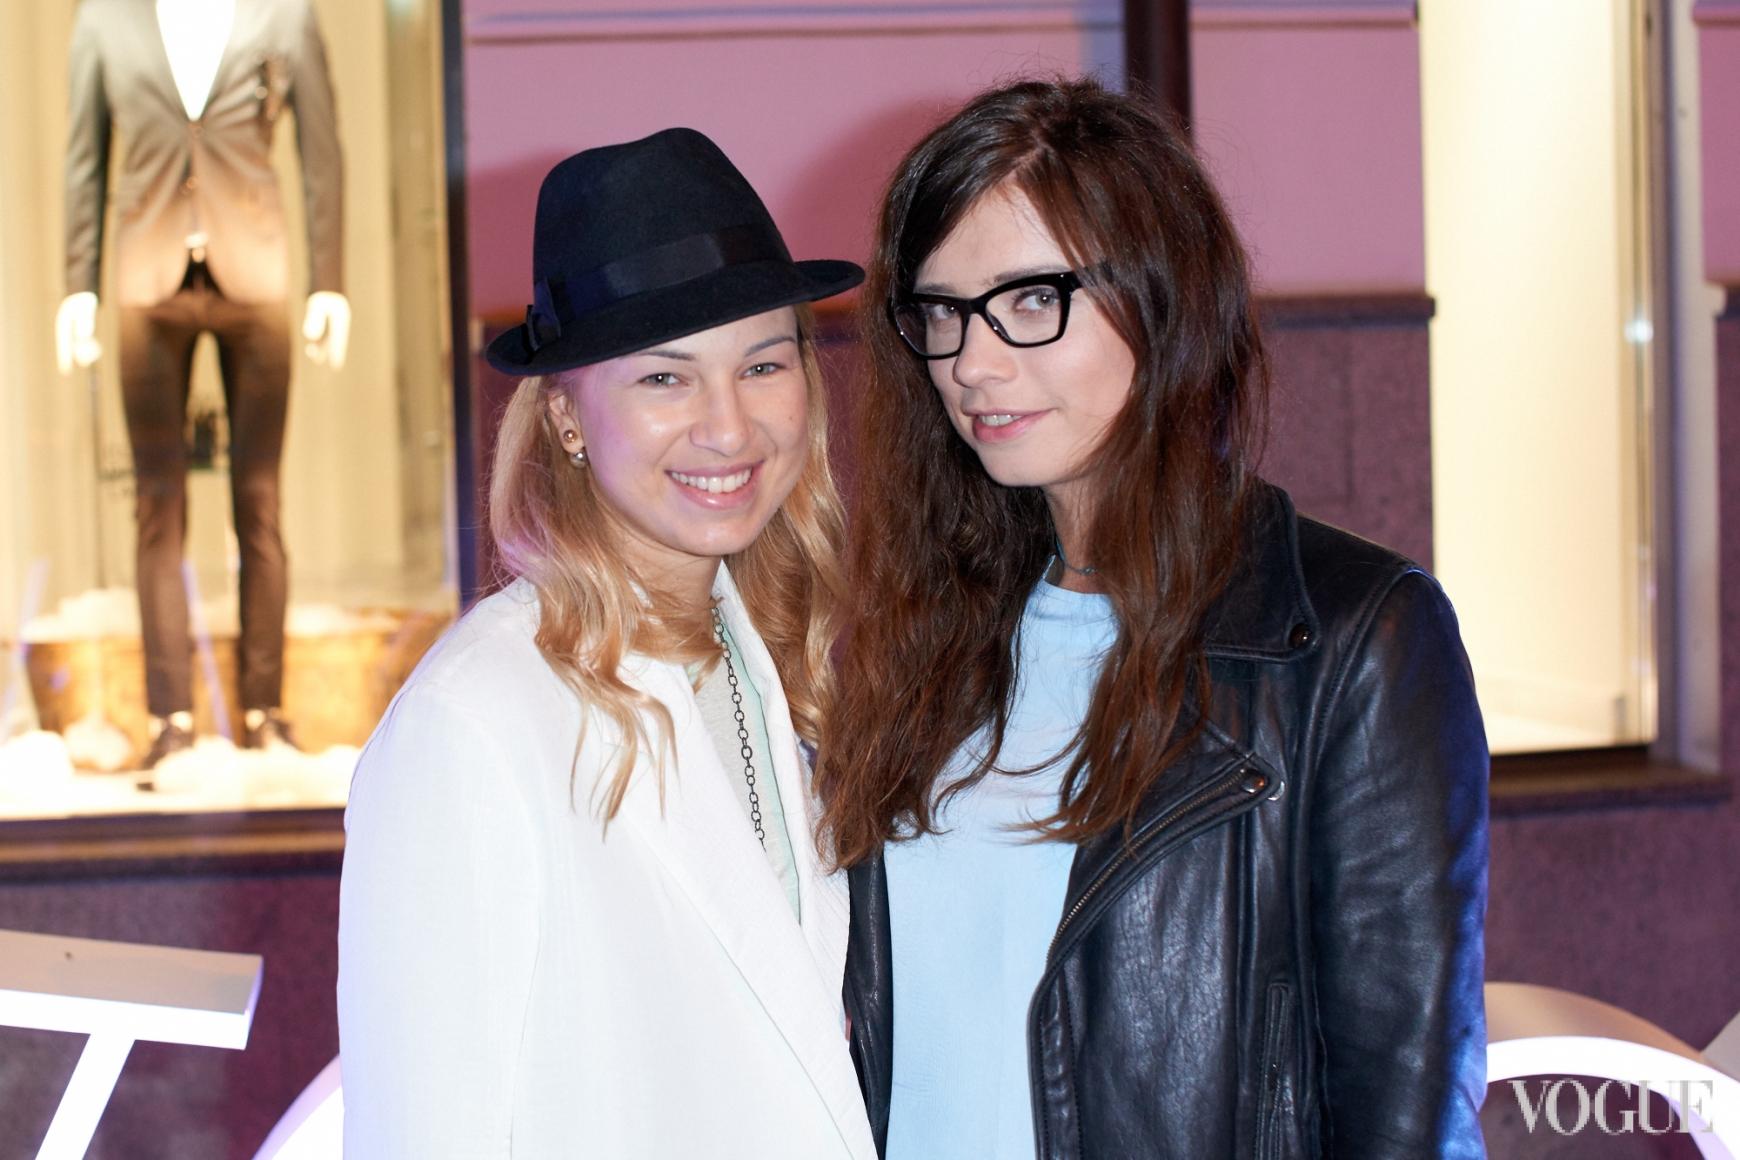 Яна Бучко и Алиса Саенко